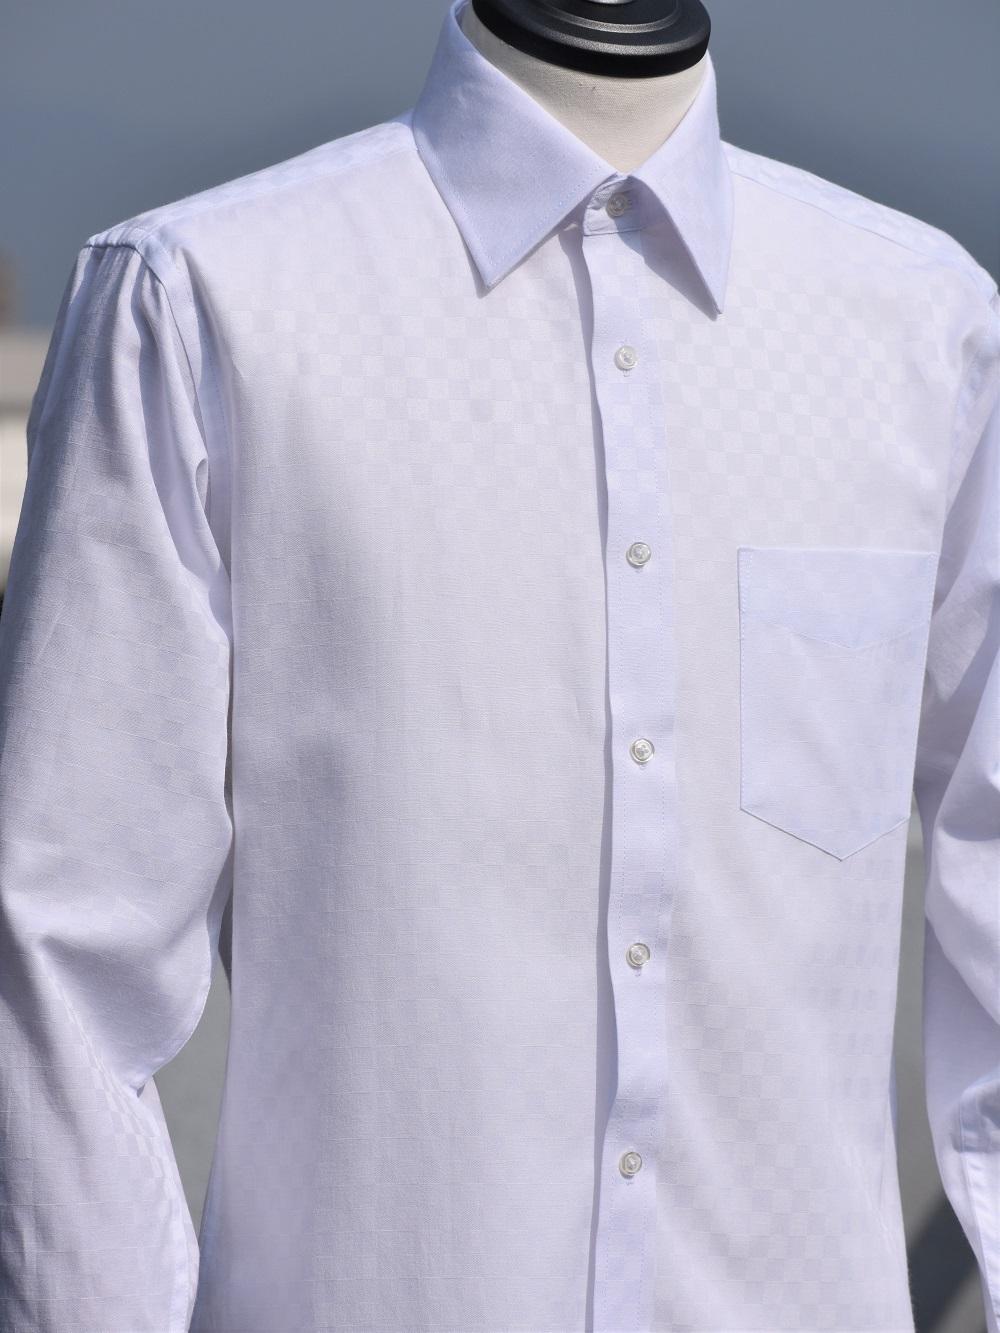 市松模様柄シャツ(ホワイト) M401SW